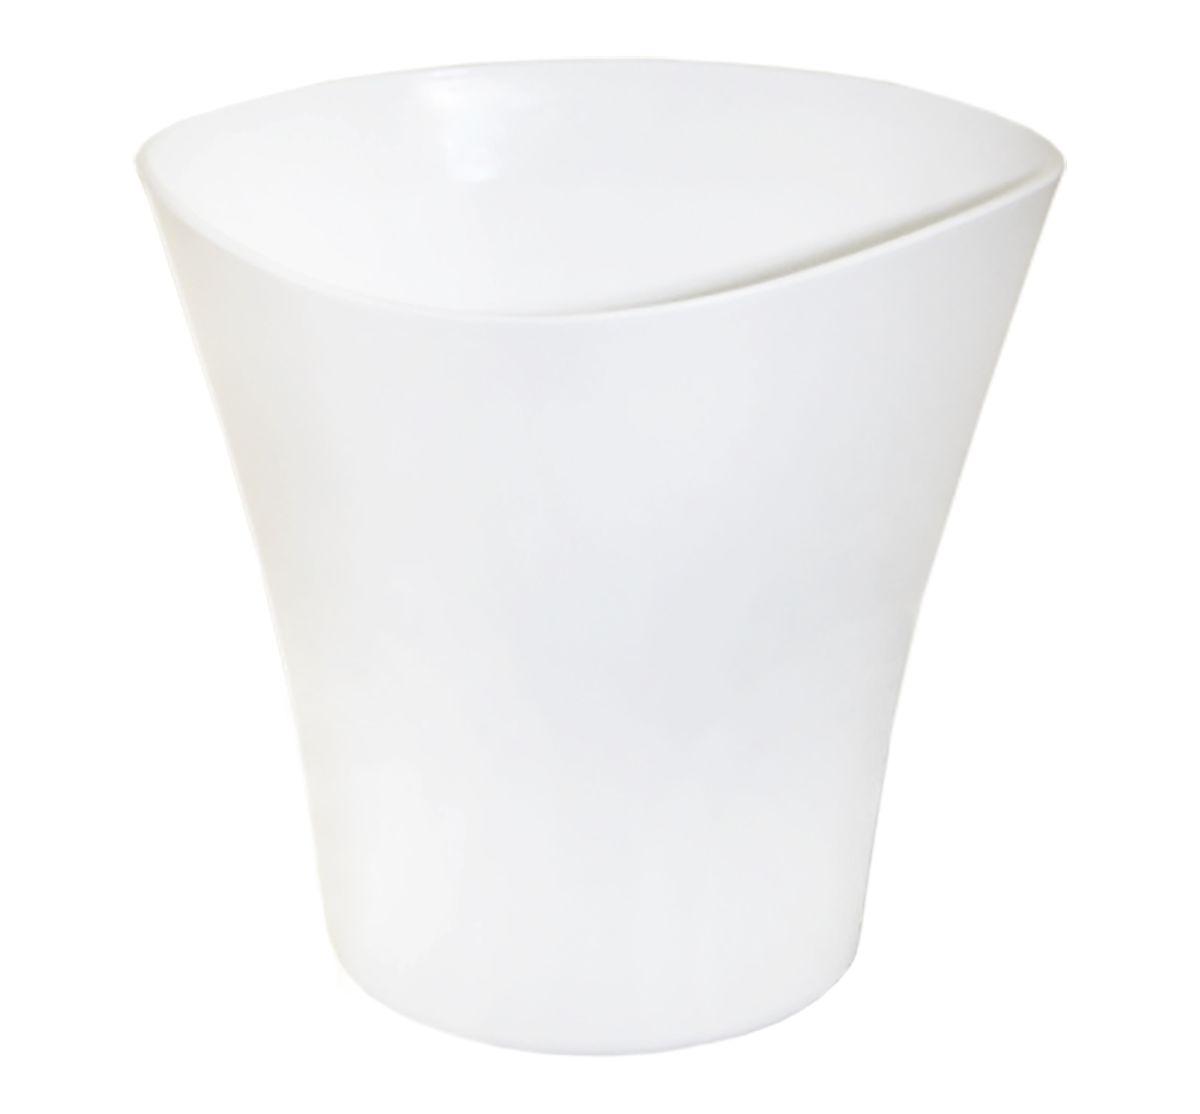 """Кашпо """"Волна"""" имеет уникальную форму, сочетающуюся как с классическим, так и с современным дизайном интерьера. Оно изготовлено из прочного полипропилена (пластика) и предназначено для выращивания растений, цветов и трав в домашних условиях. Такое кашпо порадует вас функциональностью, а благодаря лаконичному дизайну впишется в любой интерьер помещения.  Объем кашпо: 1,5 л."""